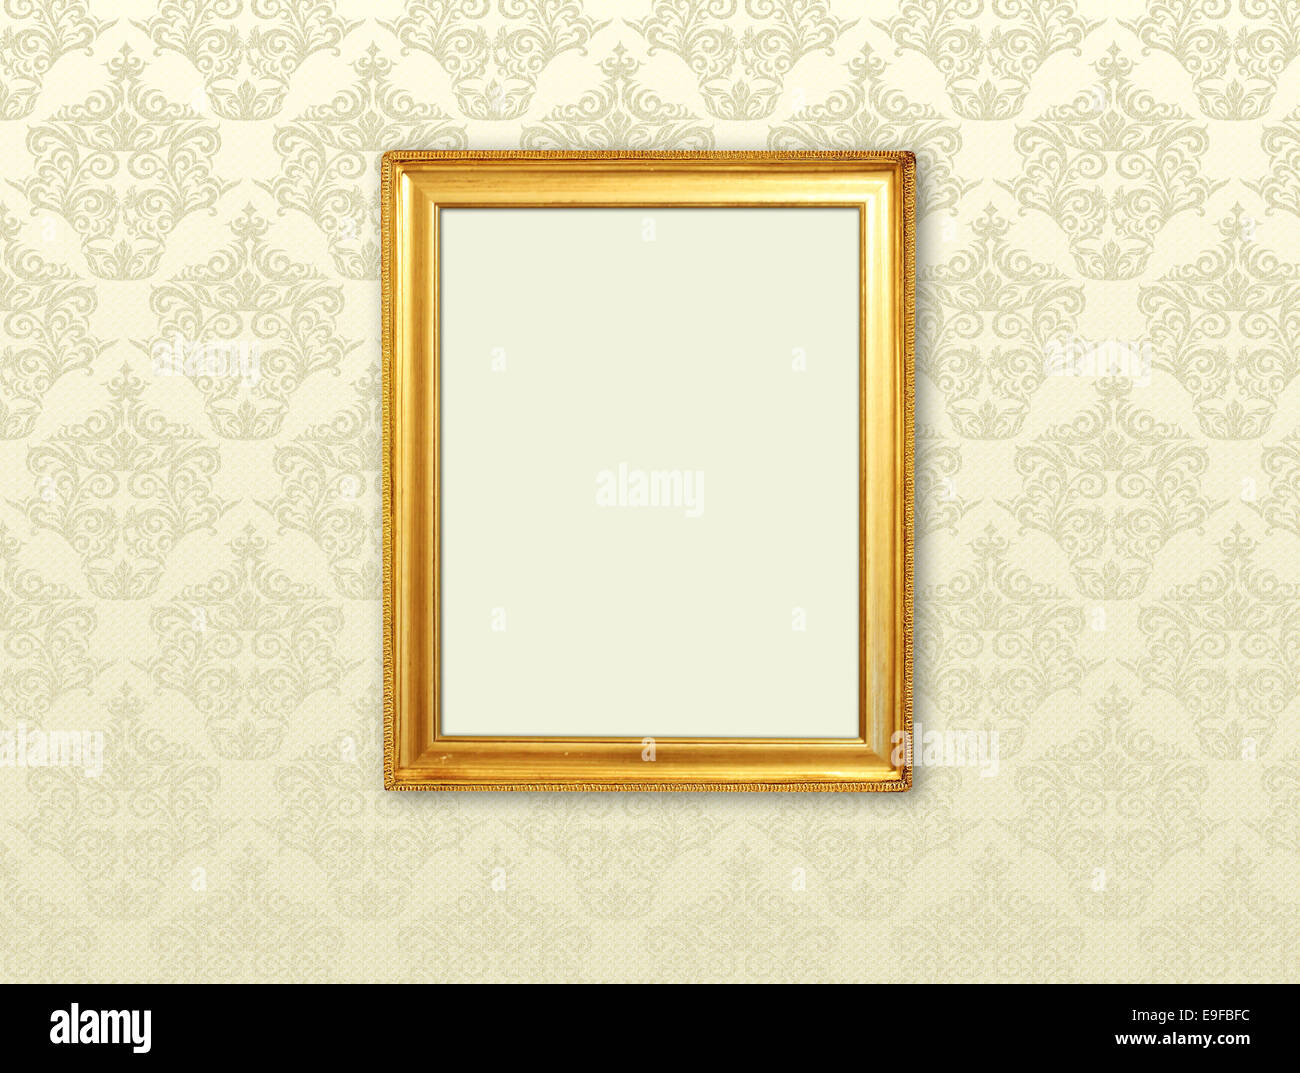 Goldrahmen auf Retro-Hintergrund Stockbild